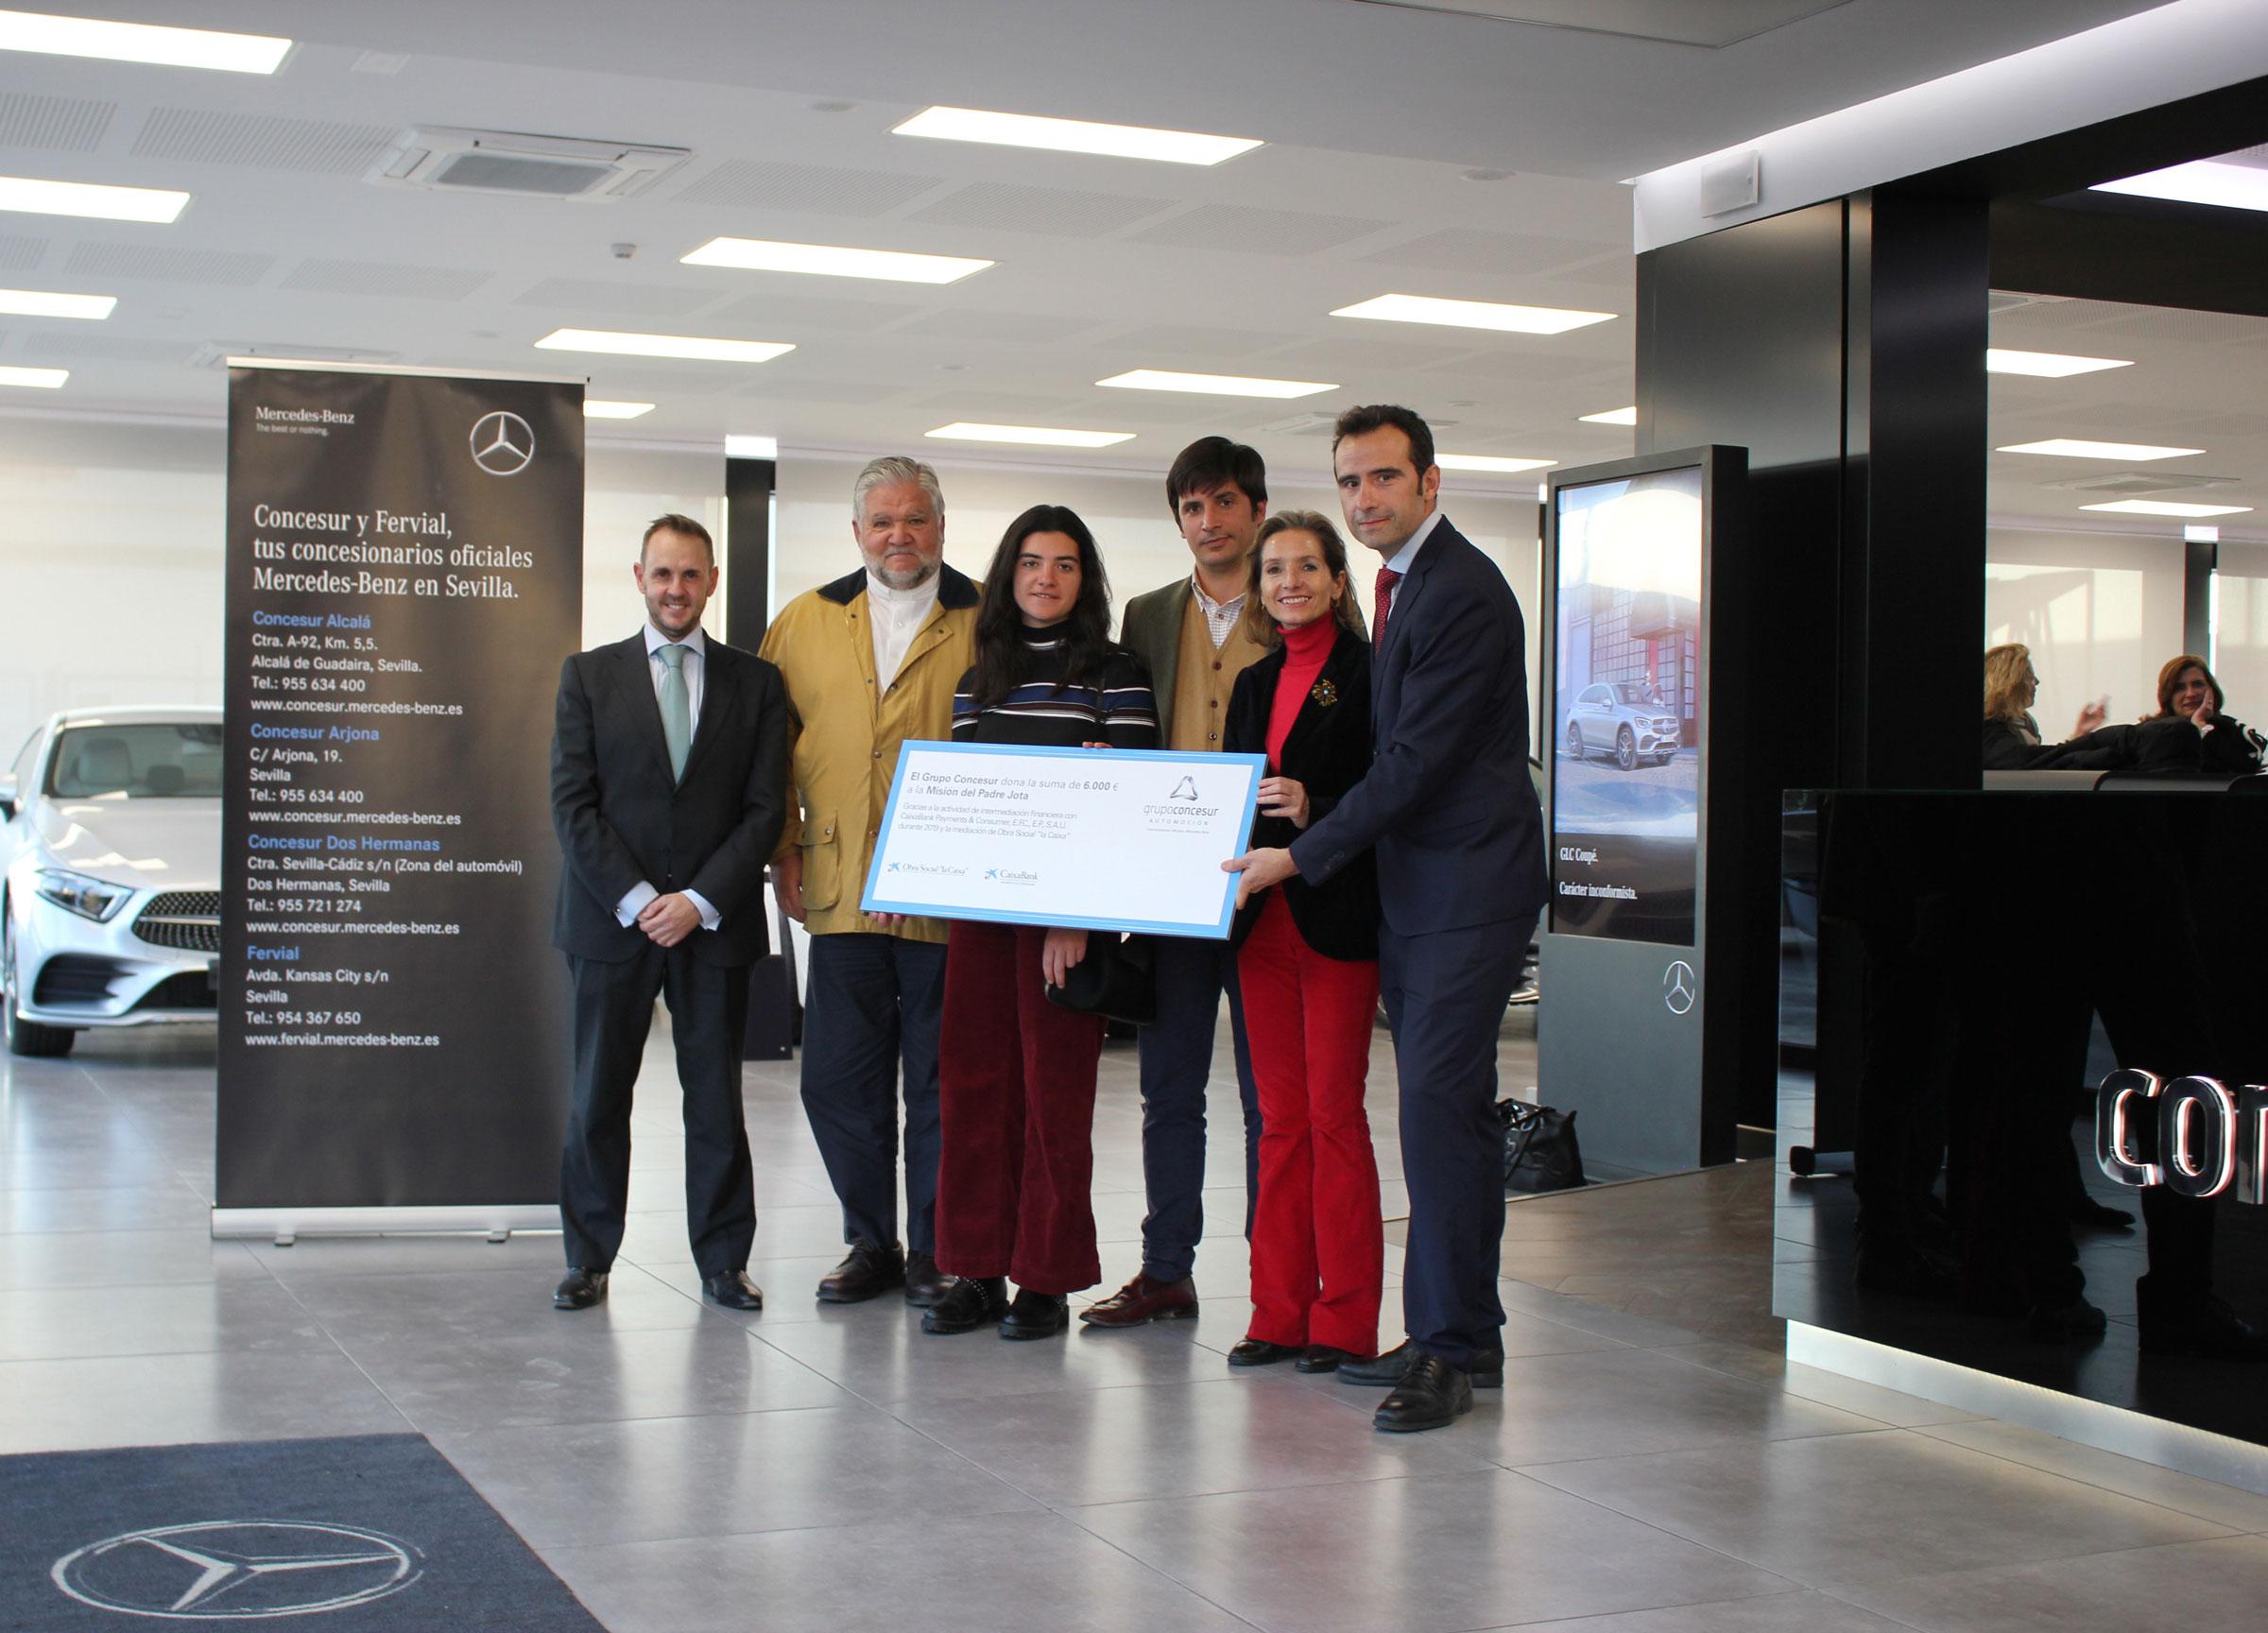 Grupo Concesur dona 6.000 € a la Misión del Padre Jota